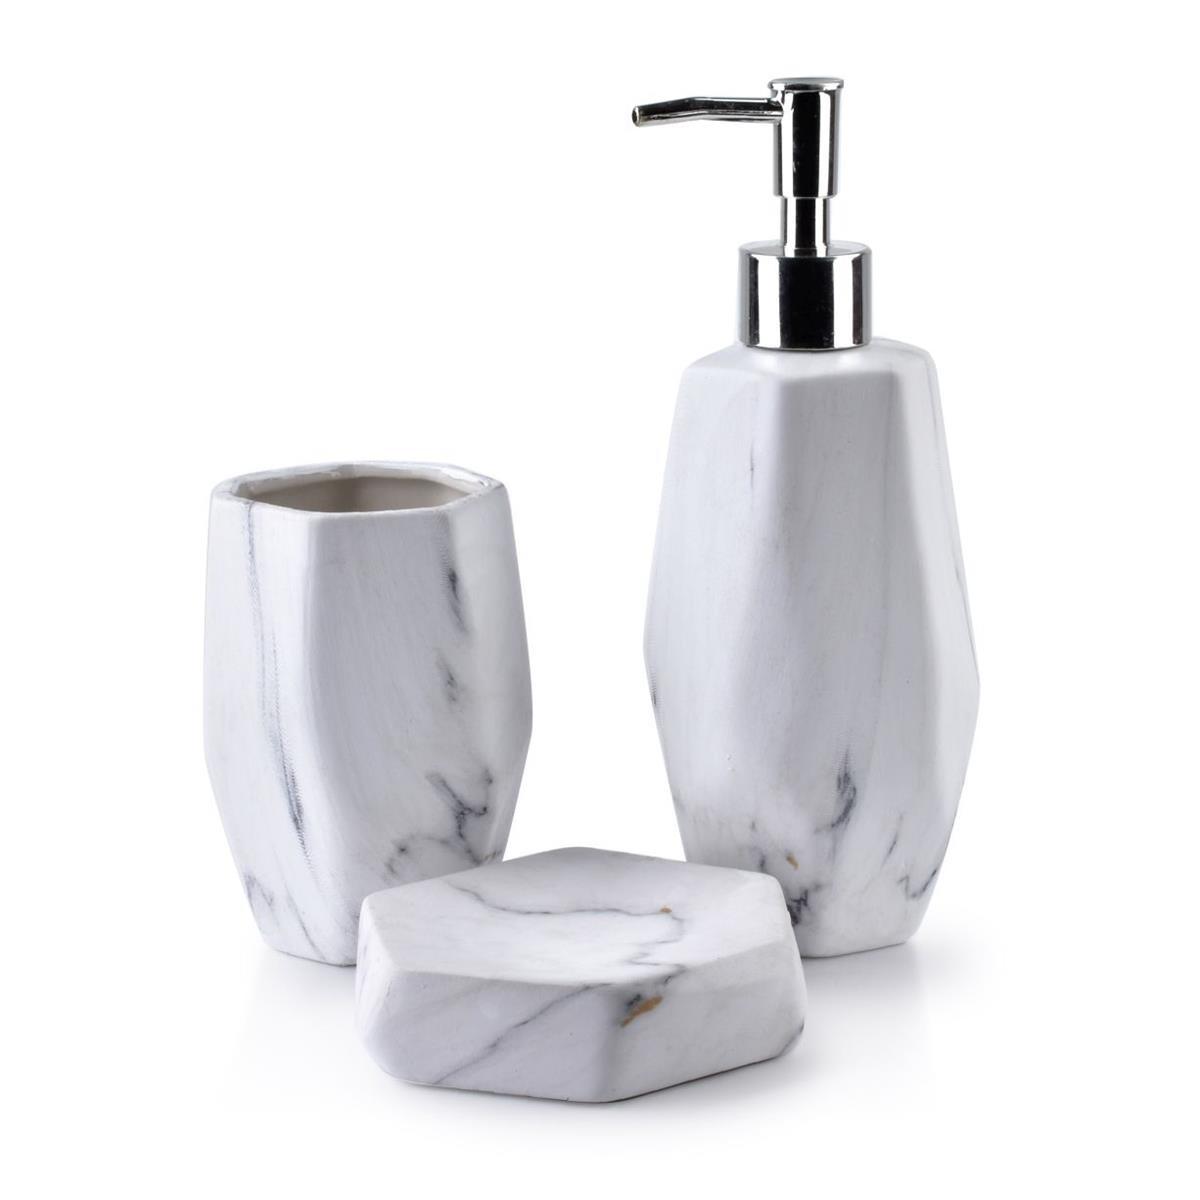 Sada koupelnových doplňků Odette Hexa bílá